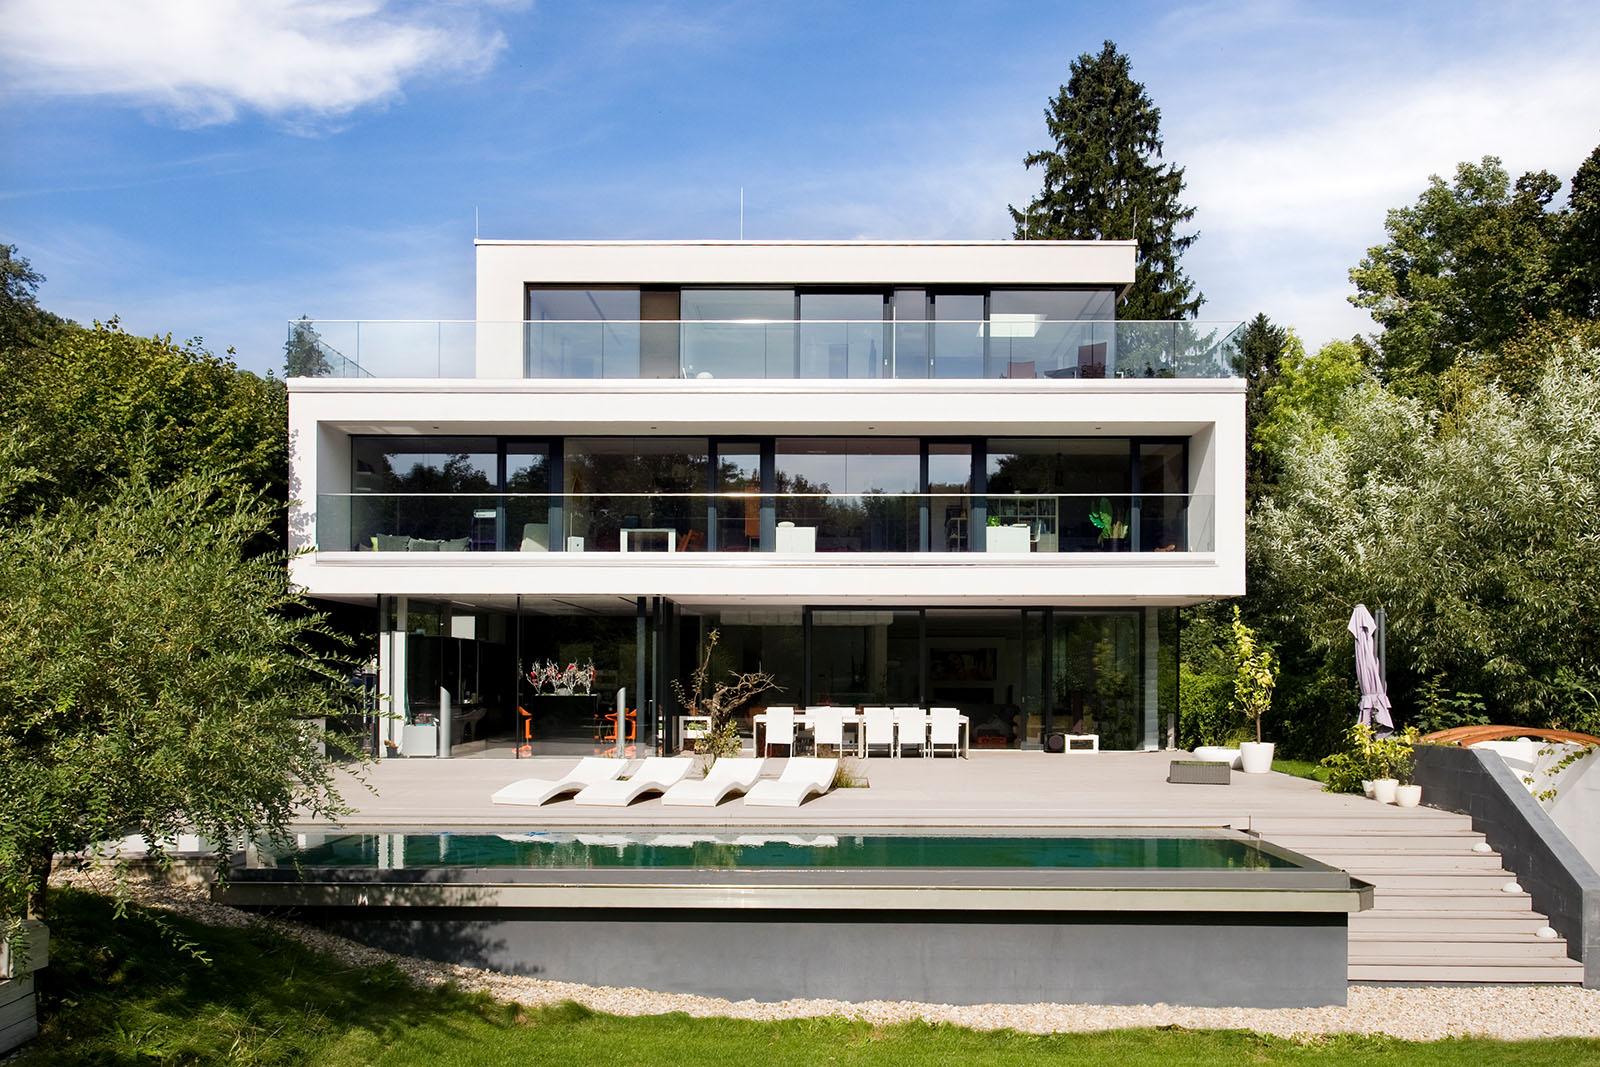 Wunschhaus-Haus Außenansicht mit Pool und Liegen